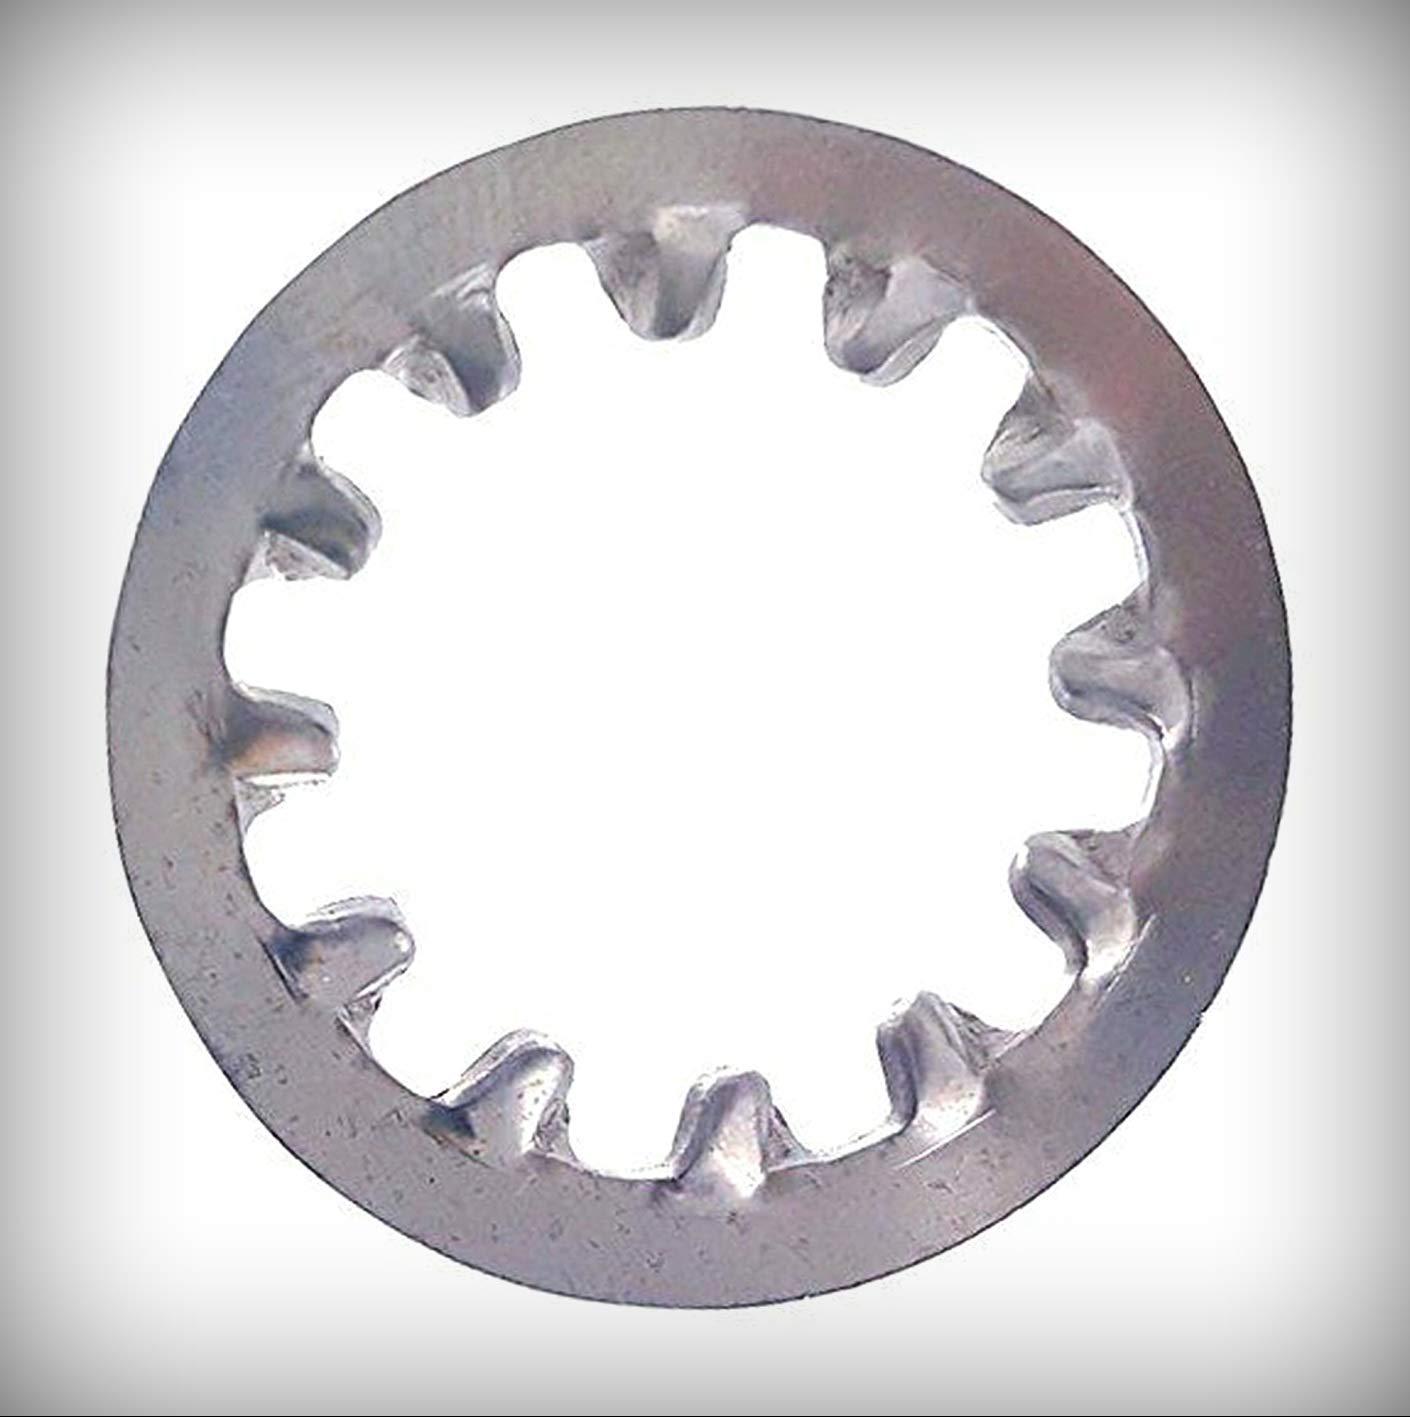 """neu Menge von 2500 Pcs 1/2"""" Star Lock Washers Internal Tooth 410 Stainless Steel Satz #Lig-2841Ng Warranity durch Pr-Mch"""